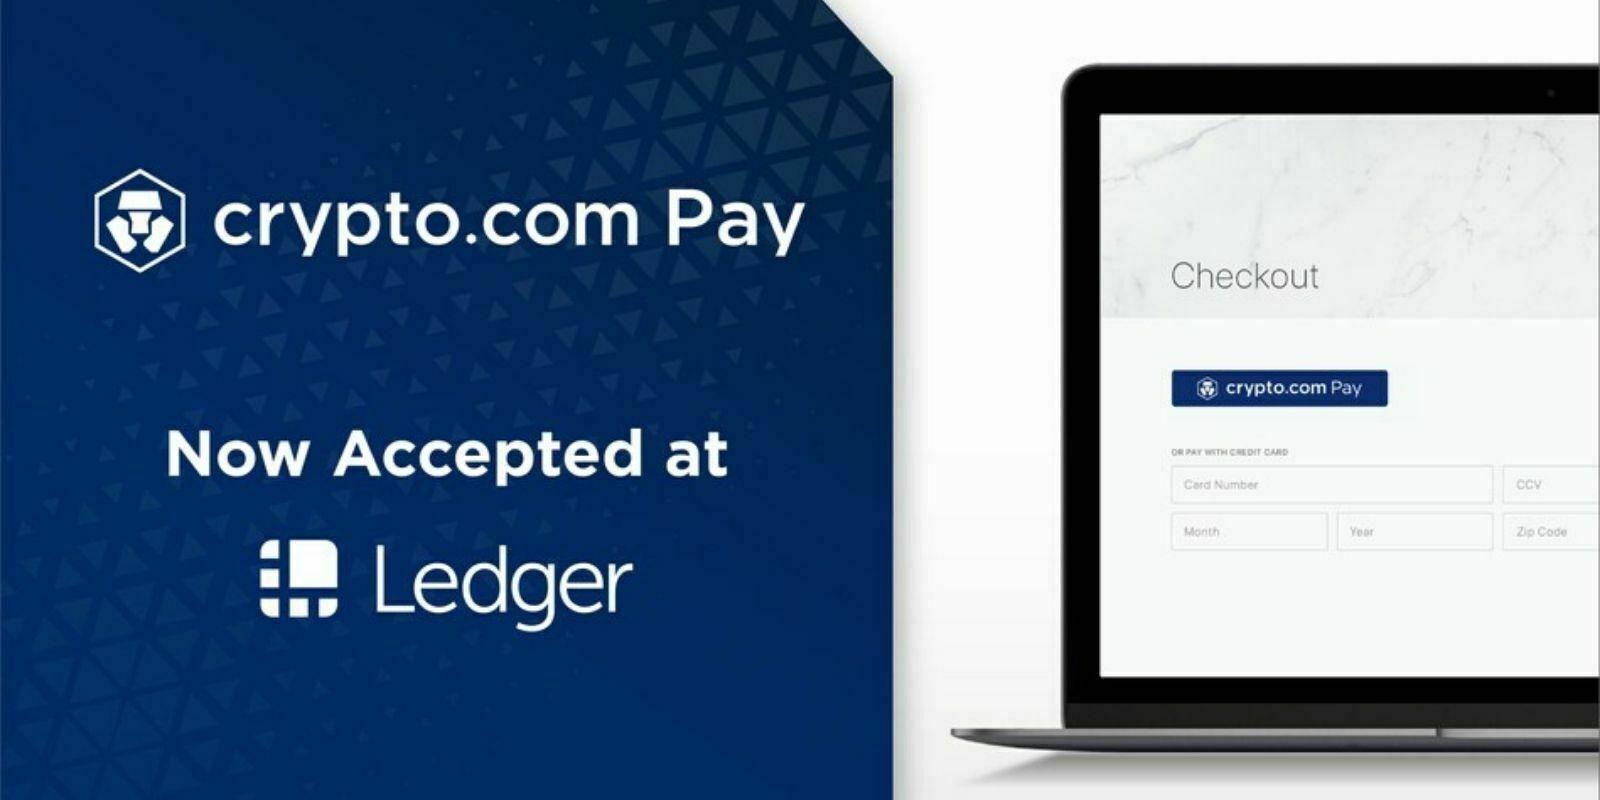 Ledger intègre Crypto.com Pay comme nouvelle option de paiement